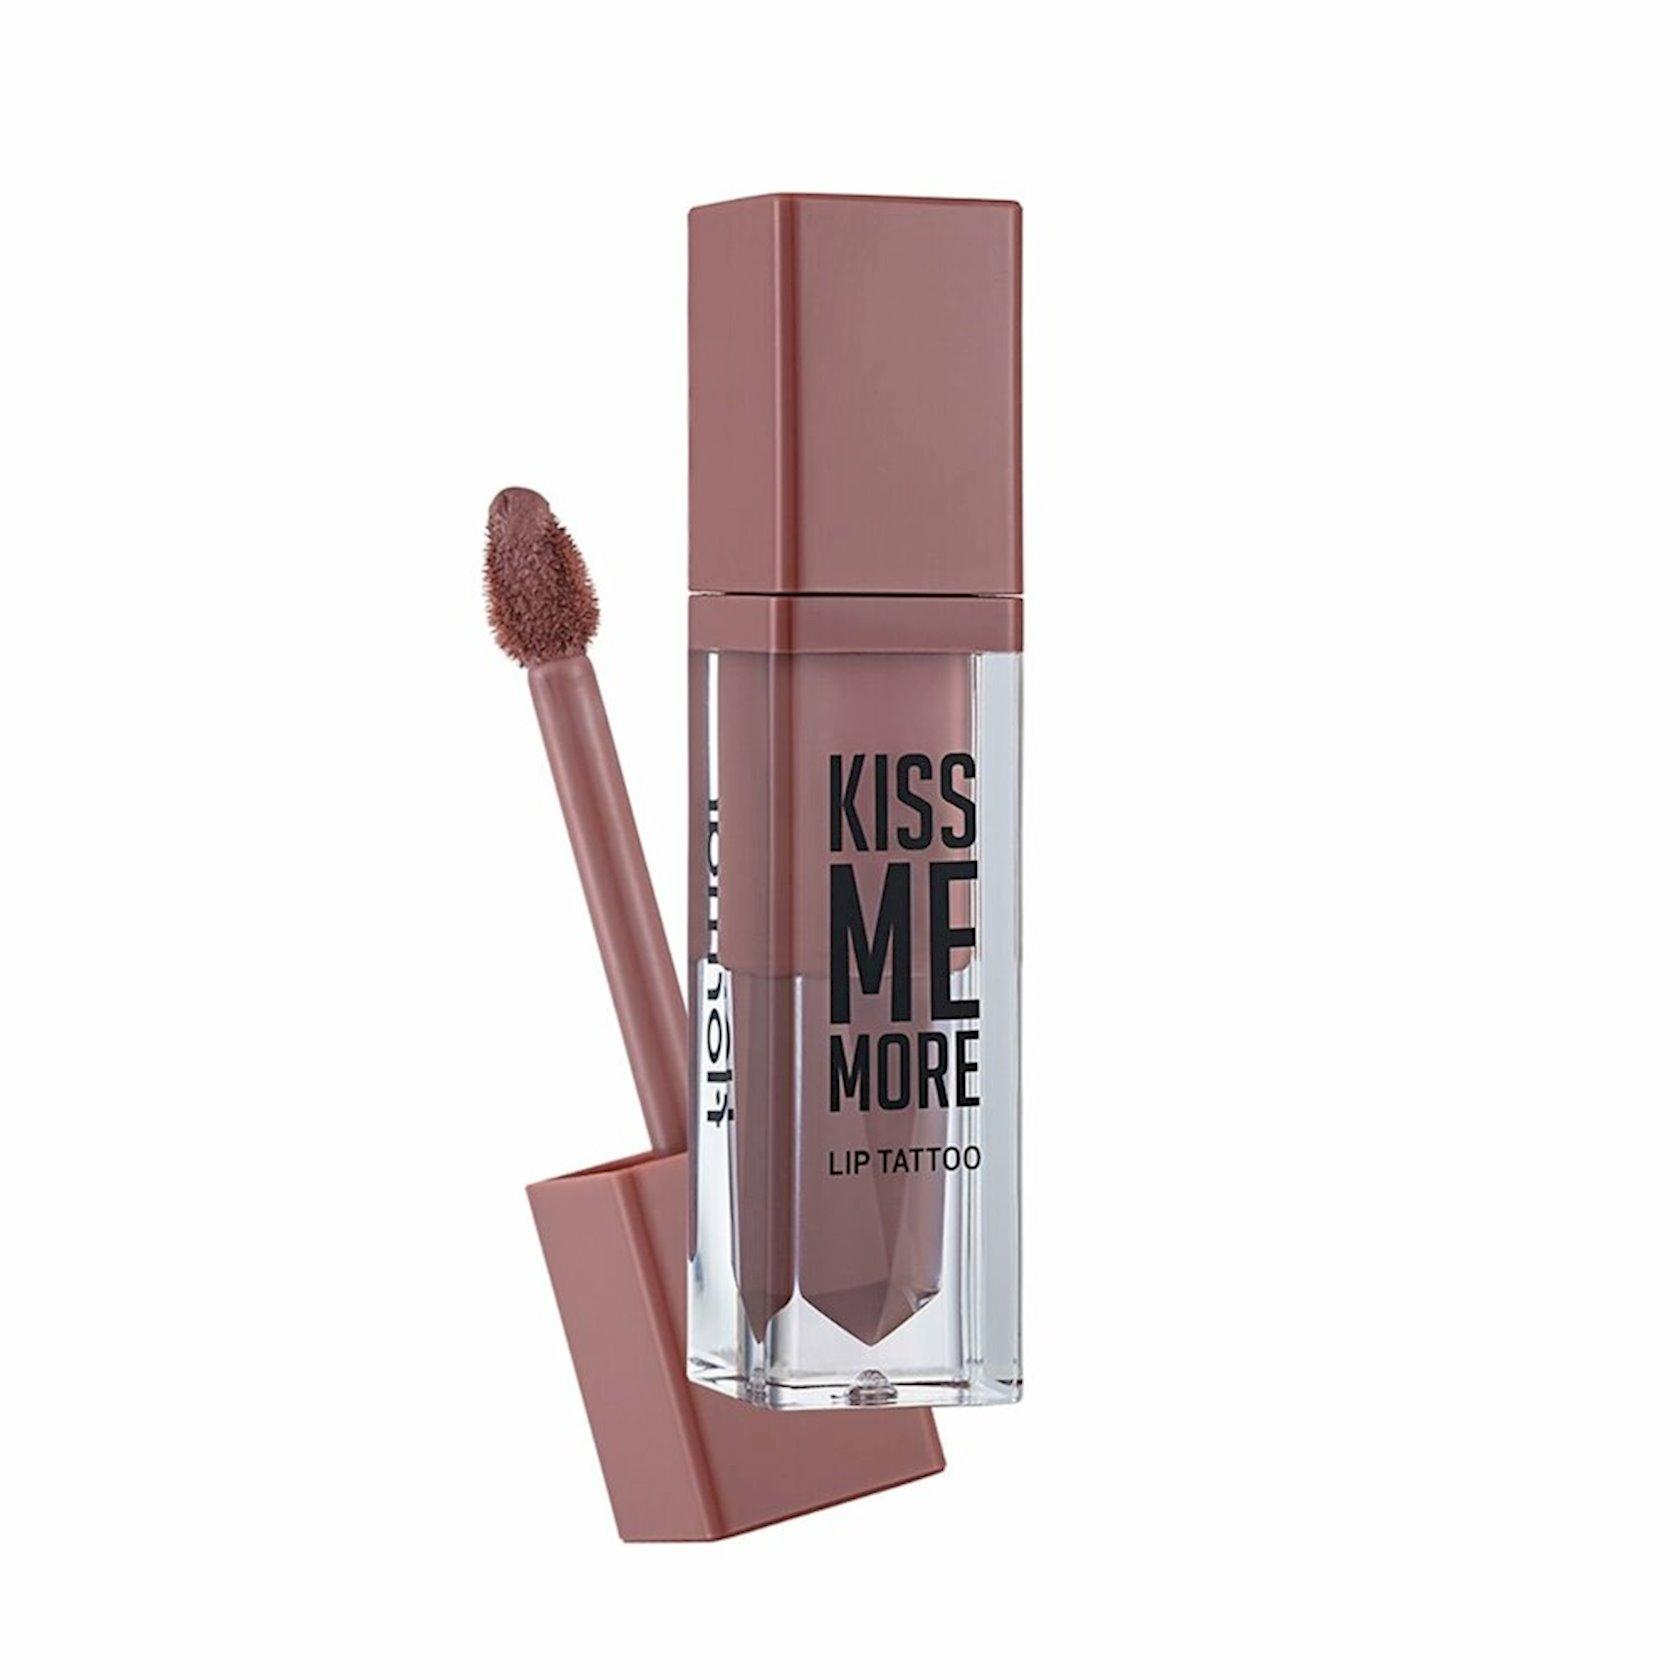 Maye mat dodaq pomadası Flormar - Kiss Me More Lip Tattoo 03